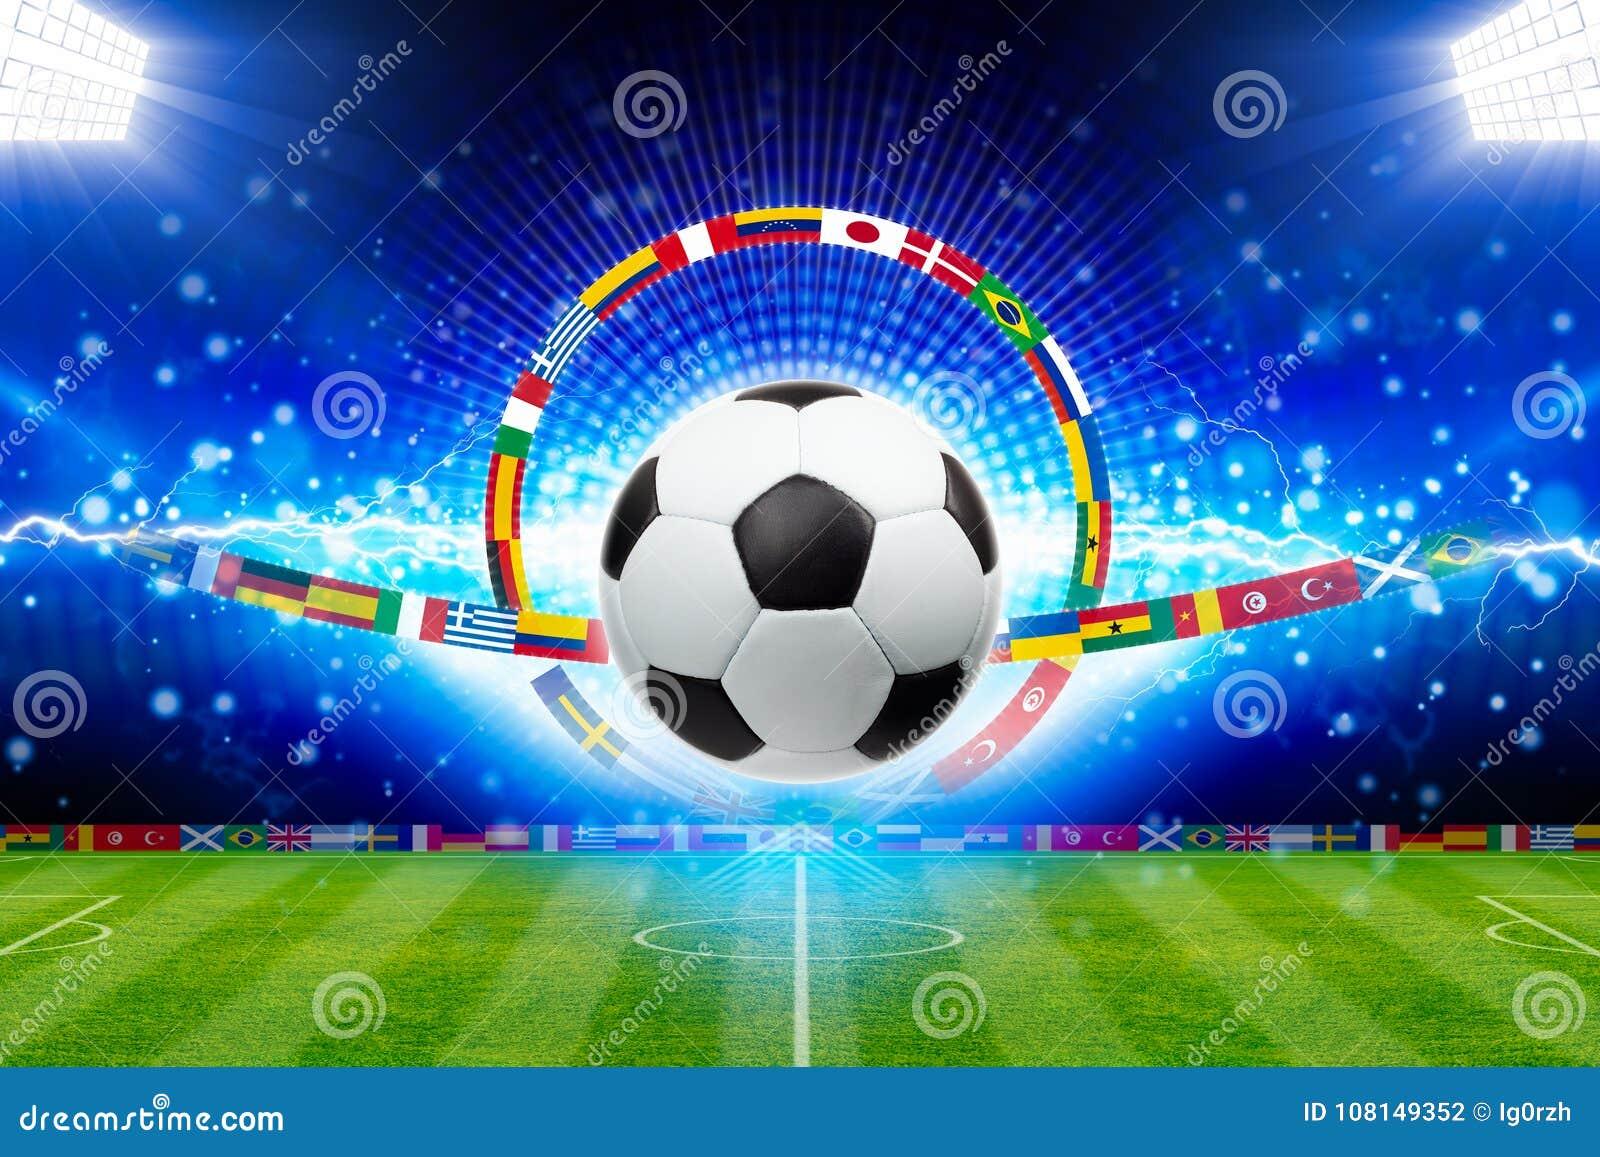 Voetbalbal boven groen stadion met heldere schijnwerpers, hoofdspo